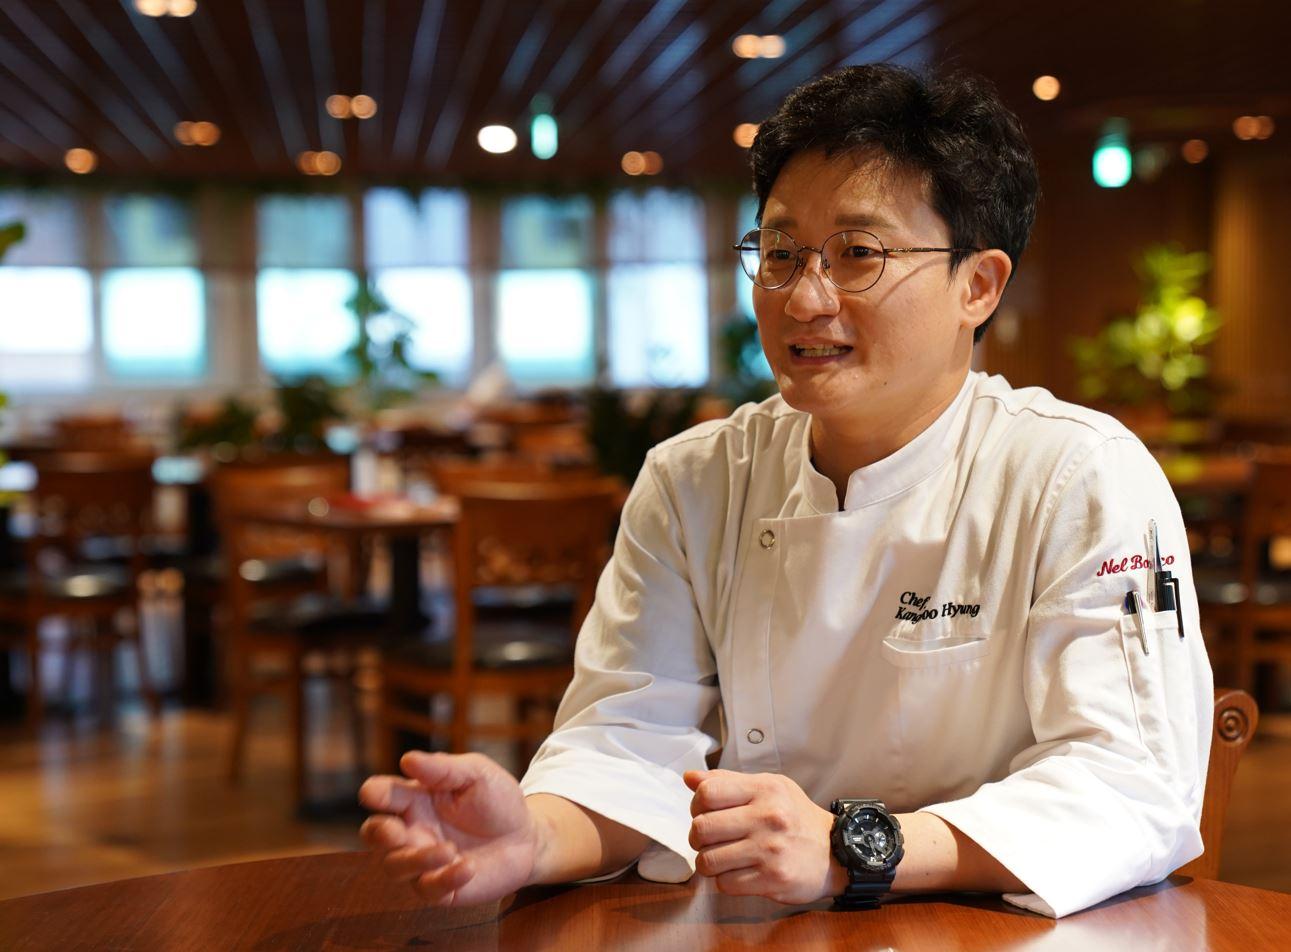 체코의 카페에서 잘 팔리는 한국산 유자차